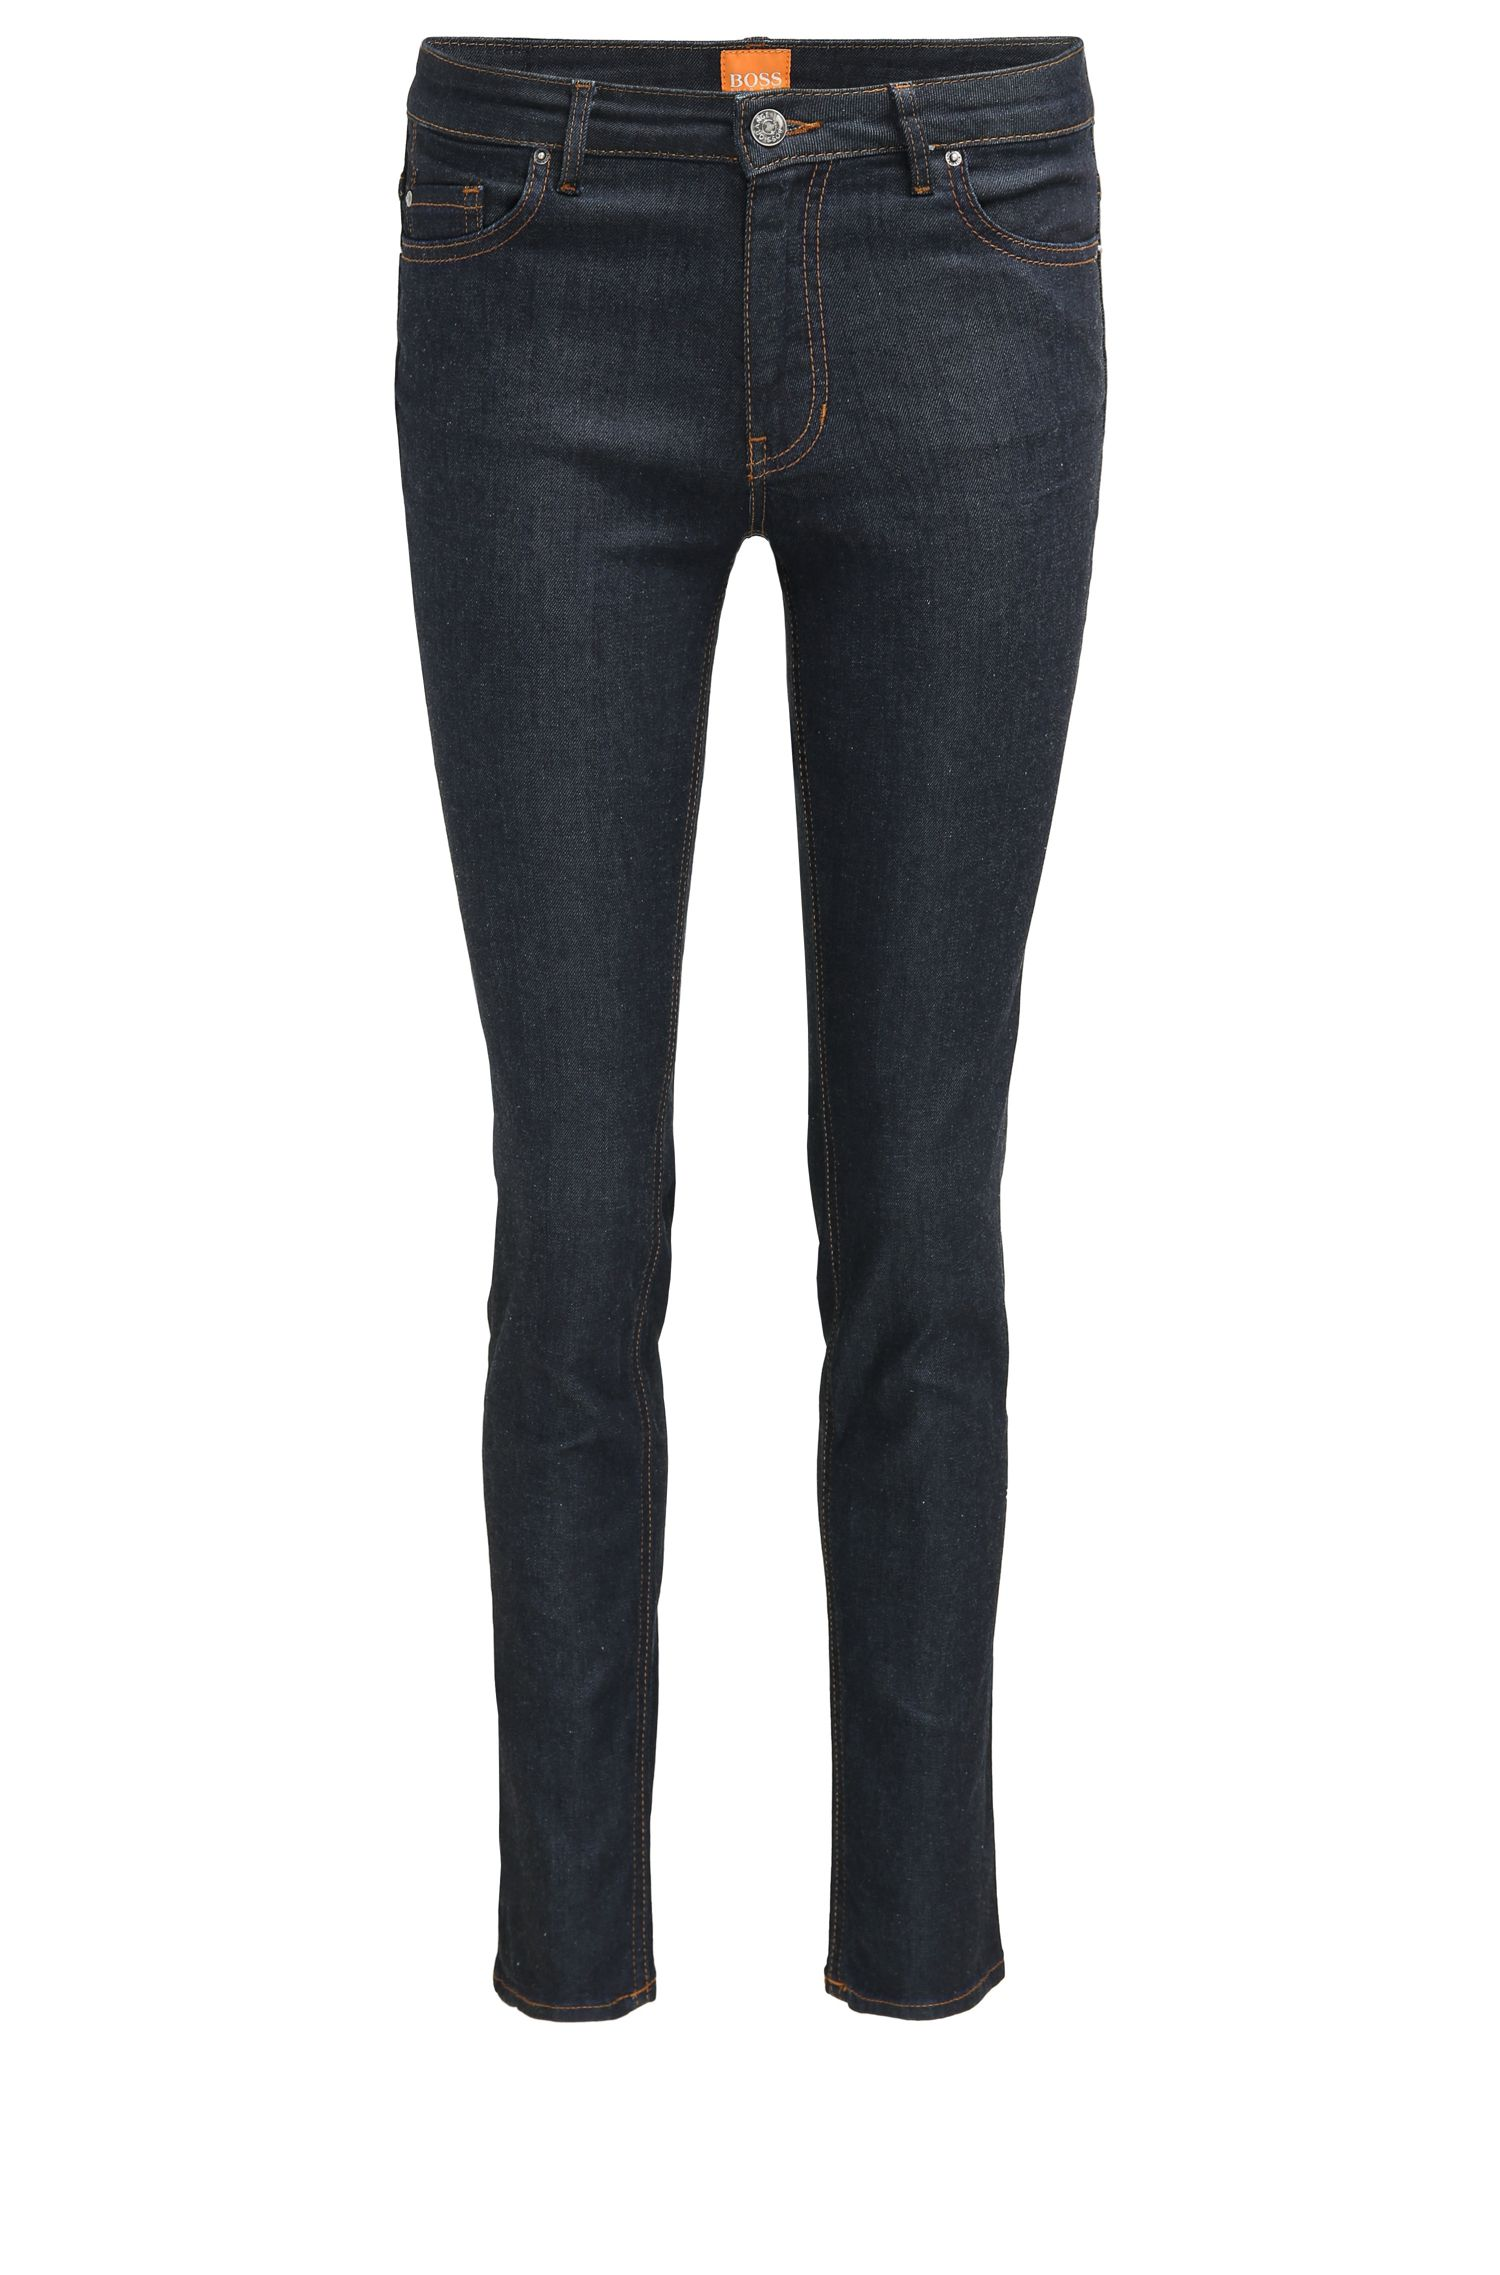 Jeans Slim Fit en denim stretch brut